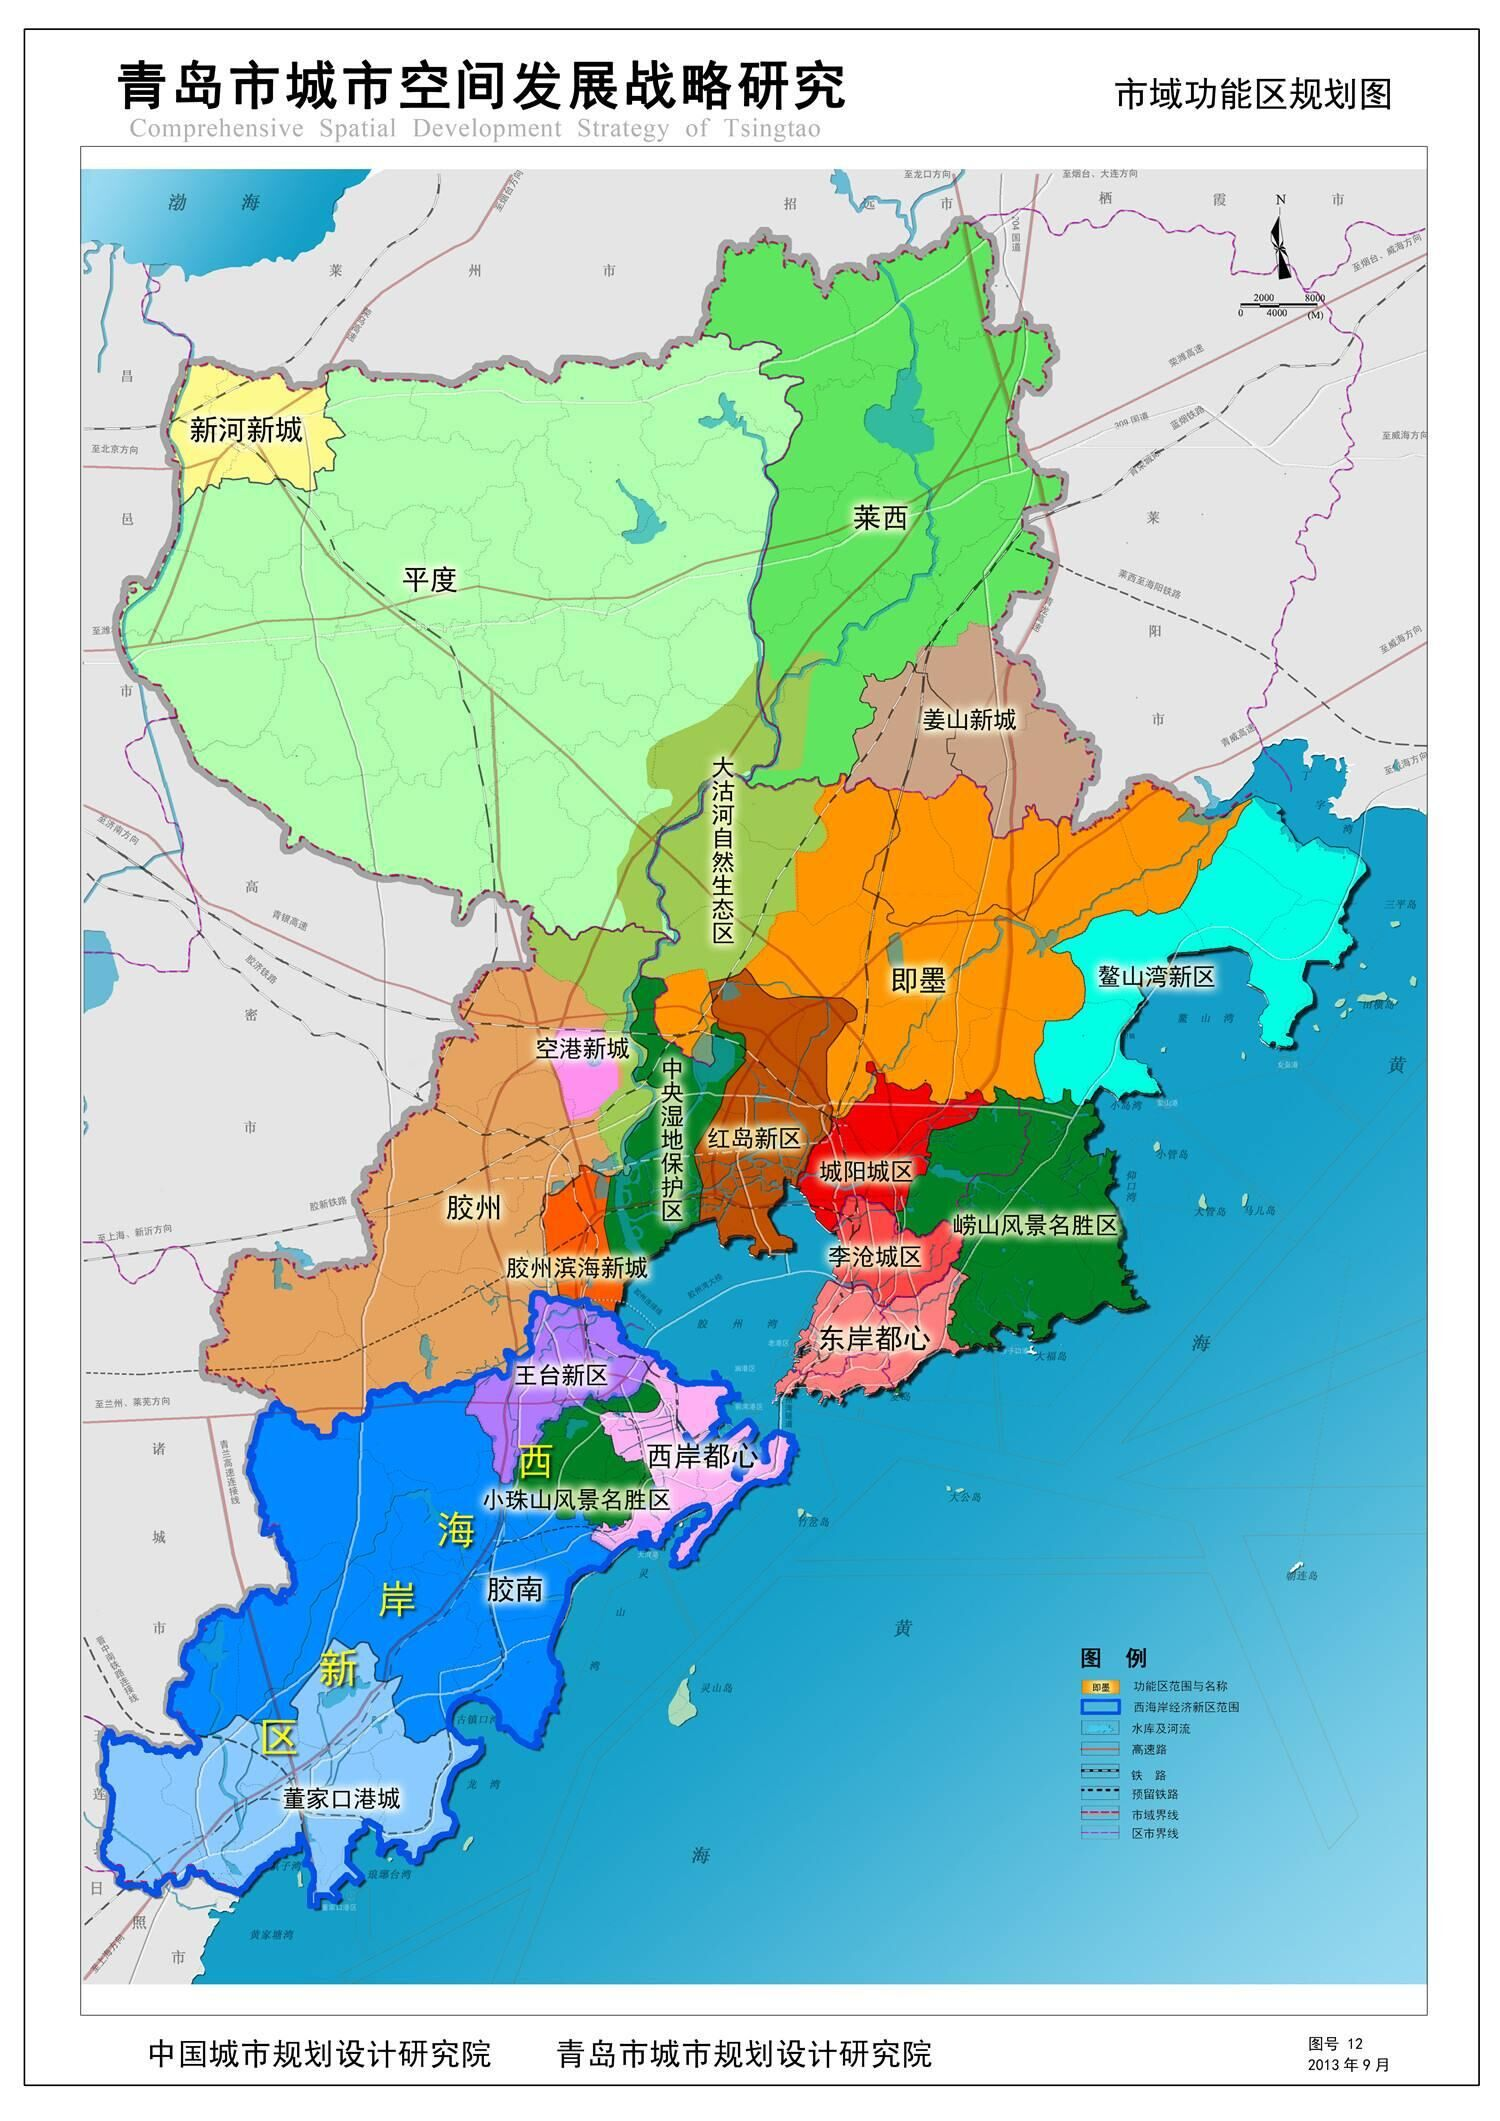 青岛市行政区划分图